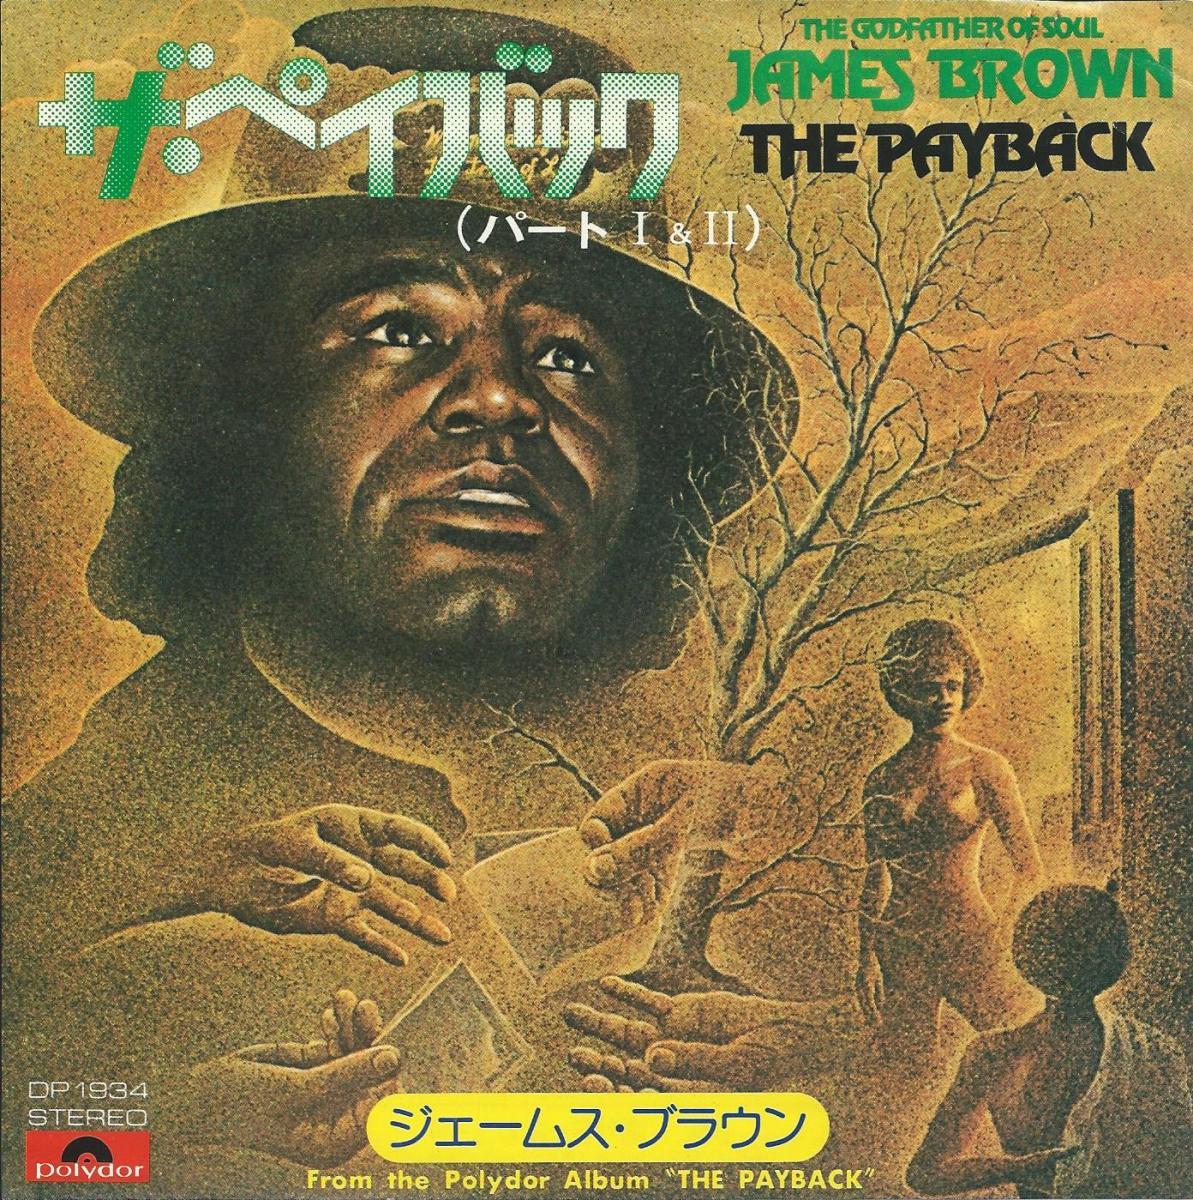 ジェームス・ブラウン JAMES BROWN / ザ・ペイバック (パート1 & 2) THE PAYBACK (7